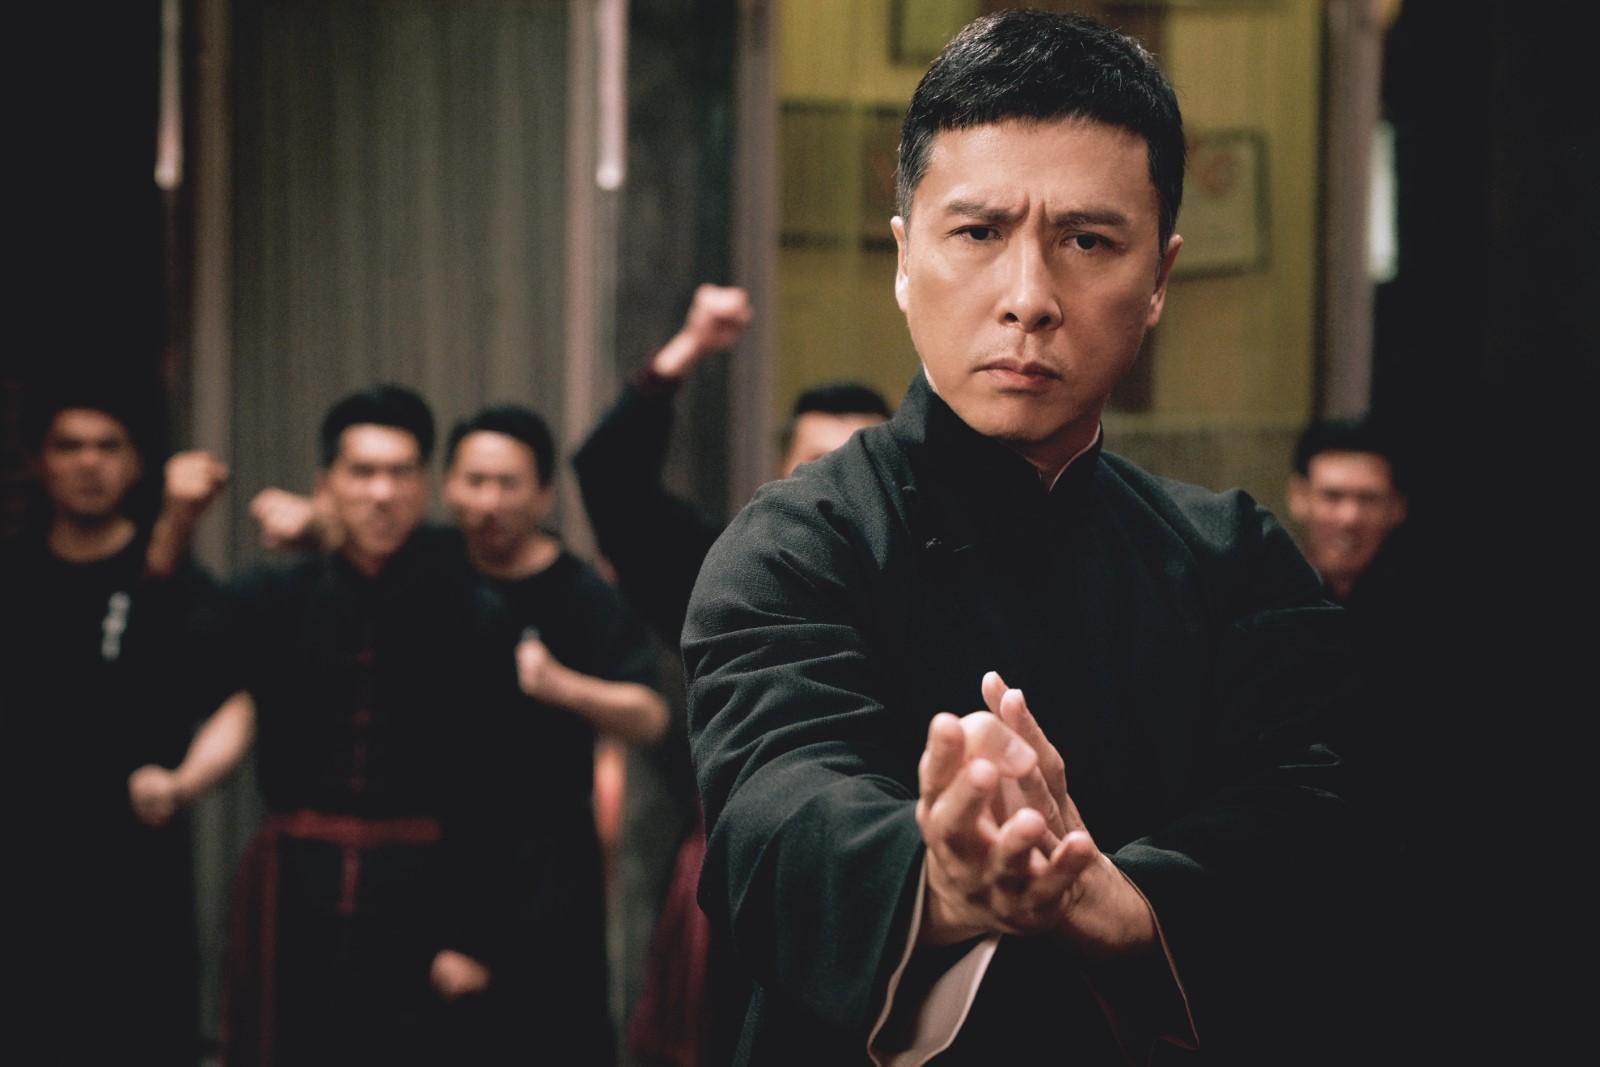 John Wick 4: Donnie Yen will fight alongside Keanu Reeves